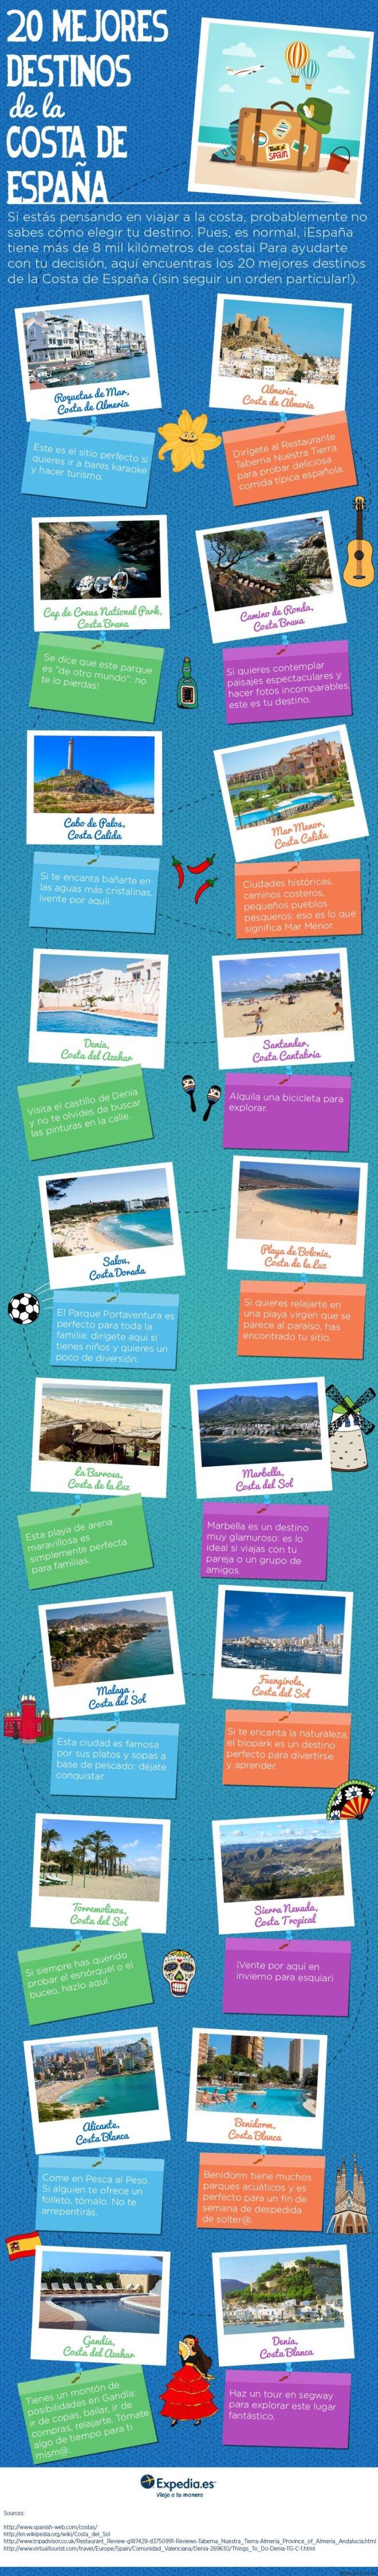 20 mejores destinos de la costa de España